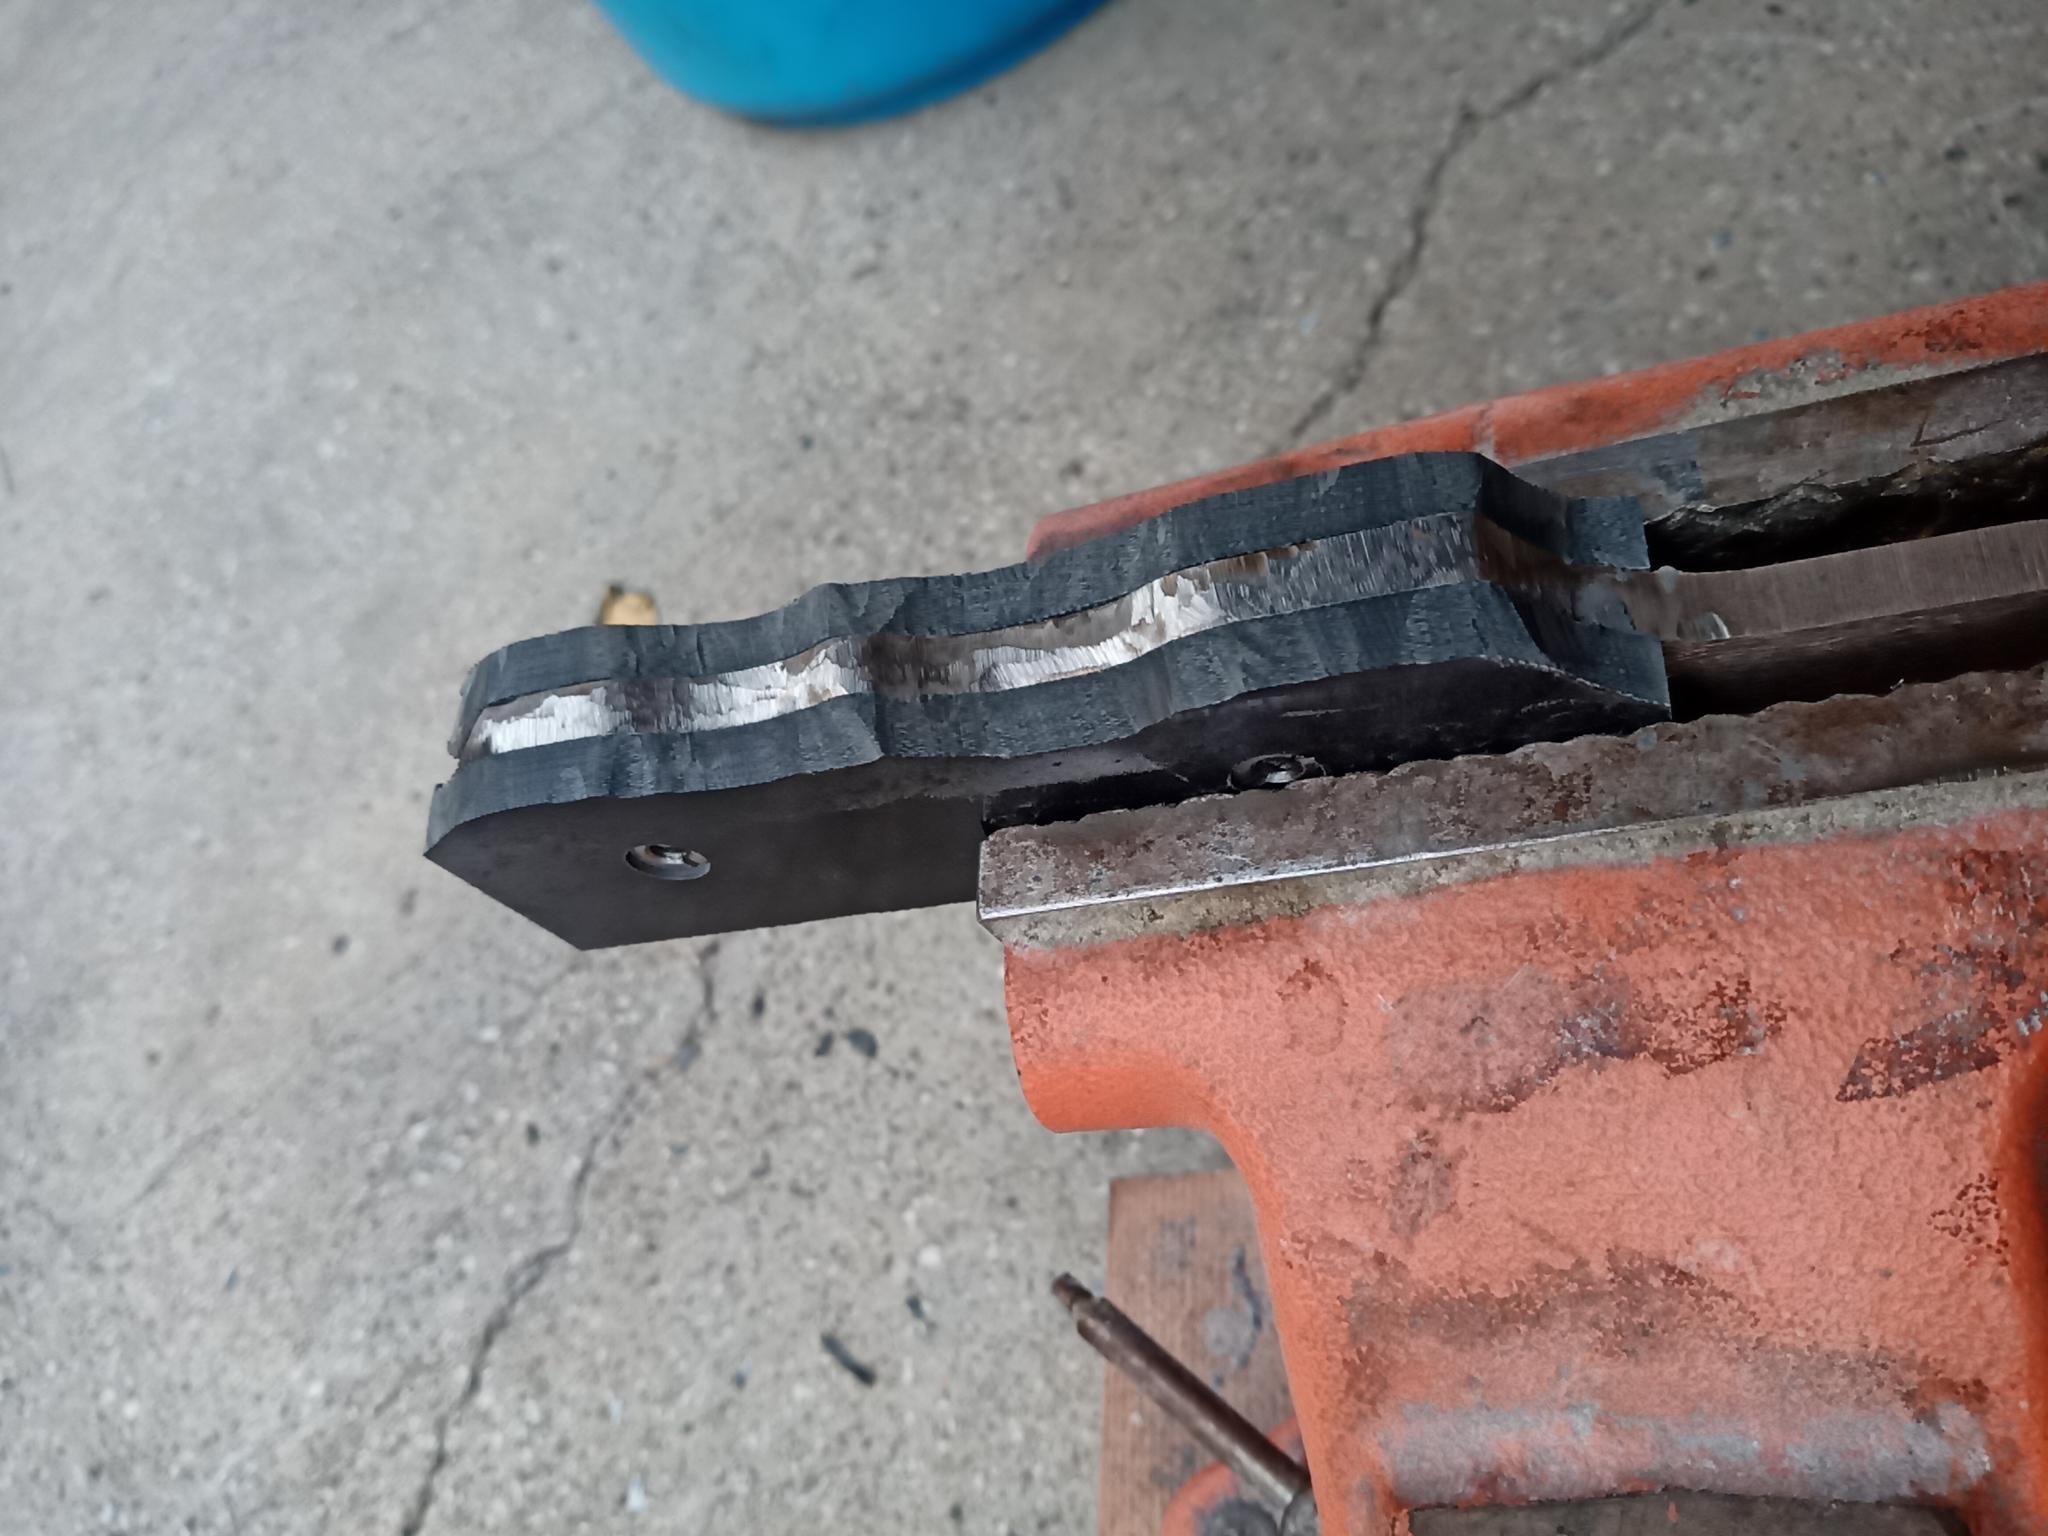 鋼材に合わせてハンドル材を削る